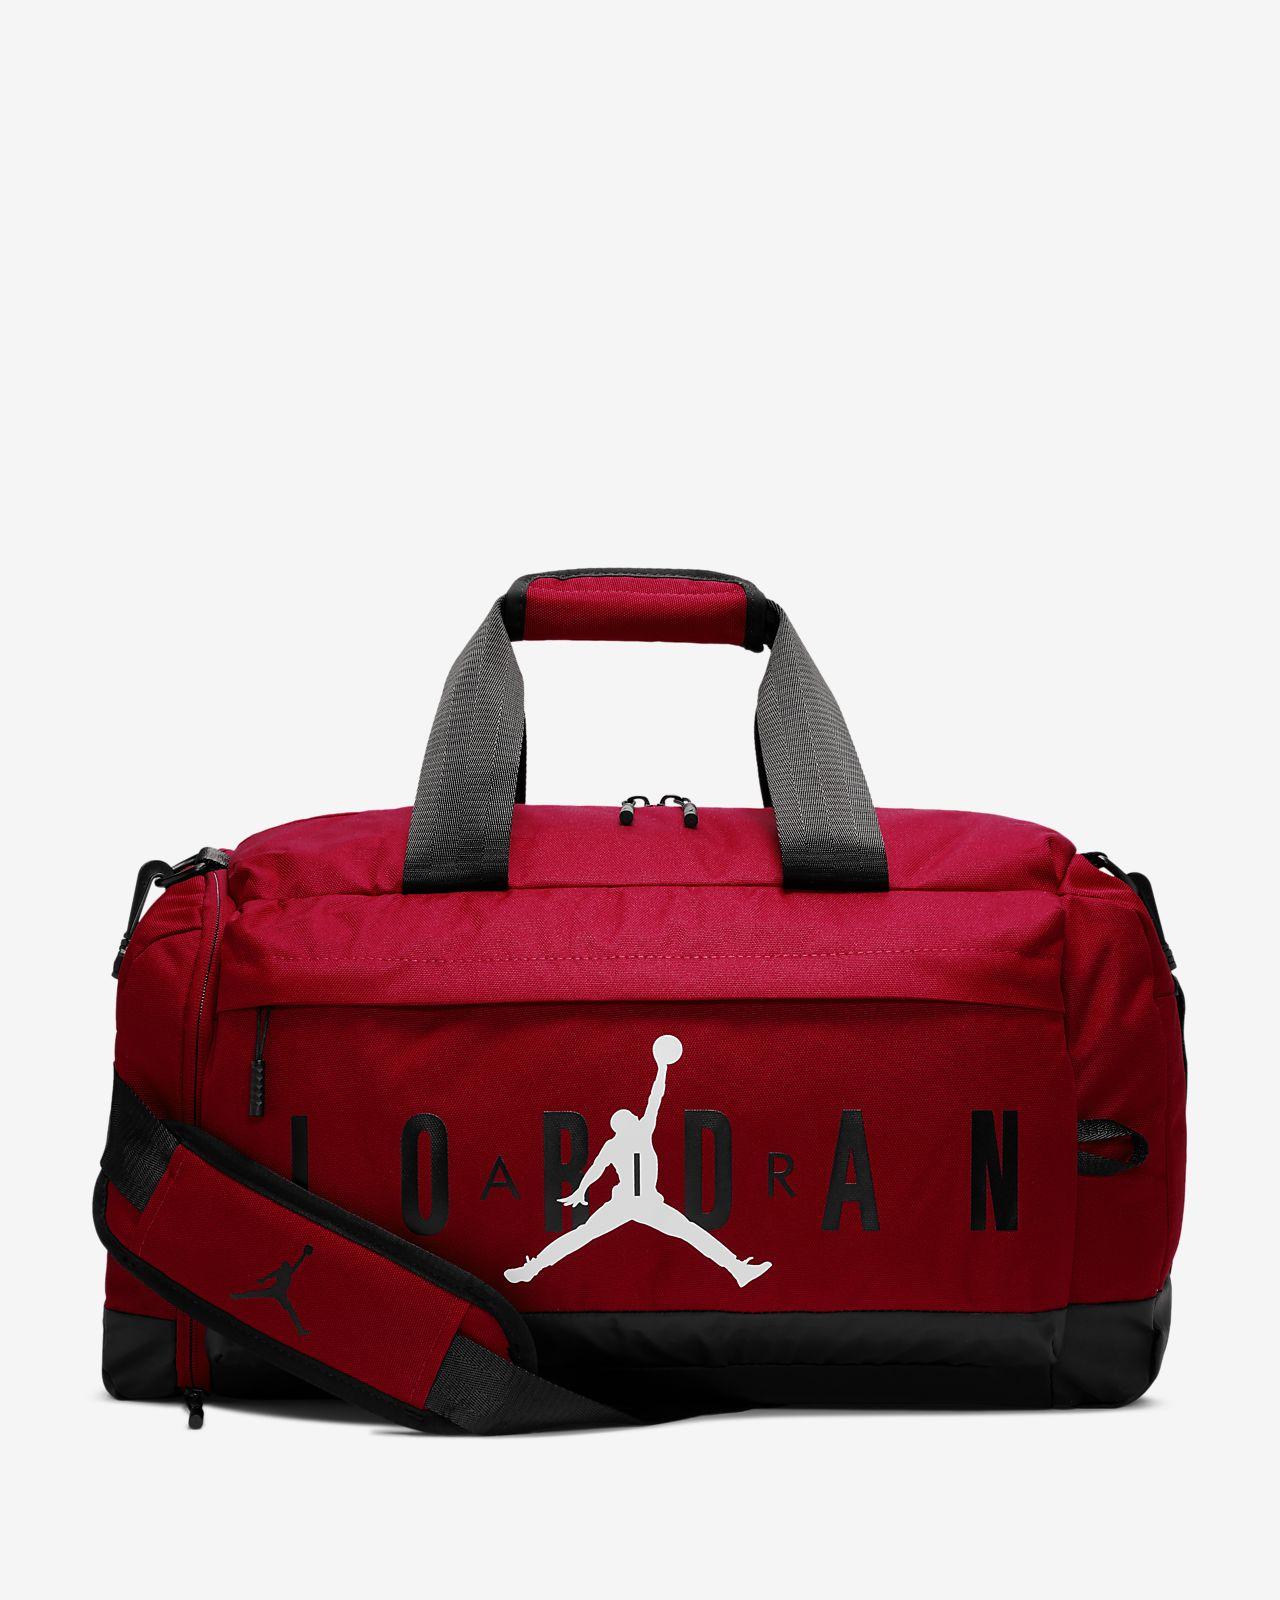 3a4cc88d64 Sac de sport Jordan Jumpman Air. Nike.com FR